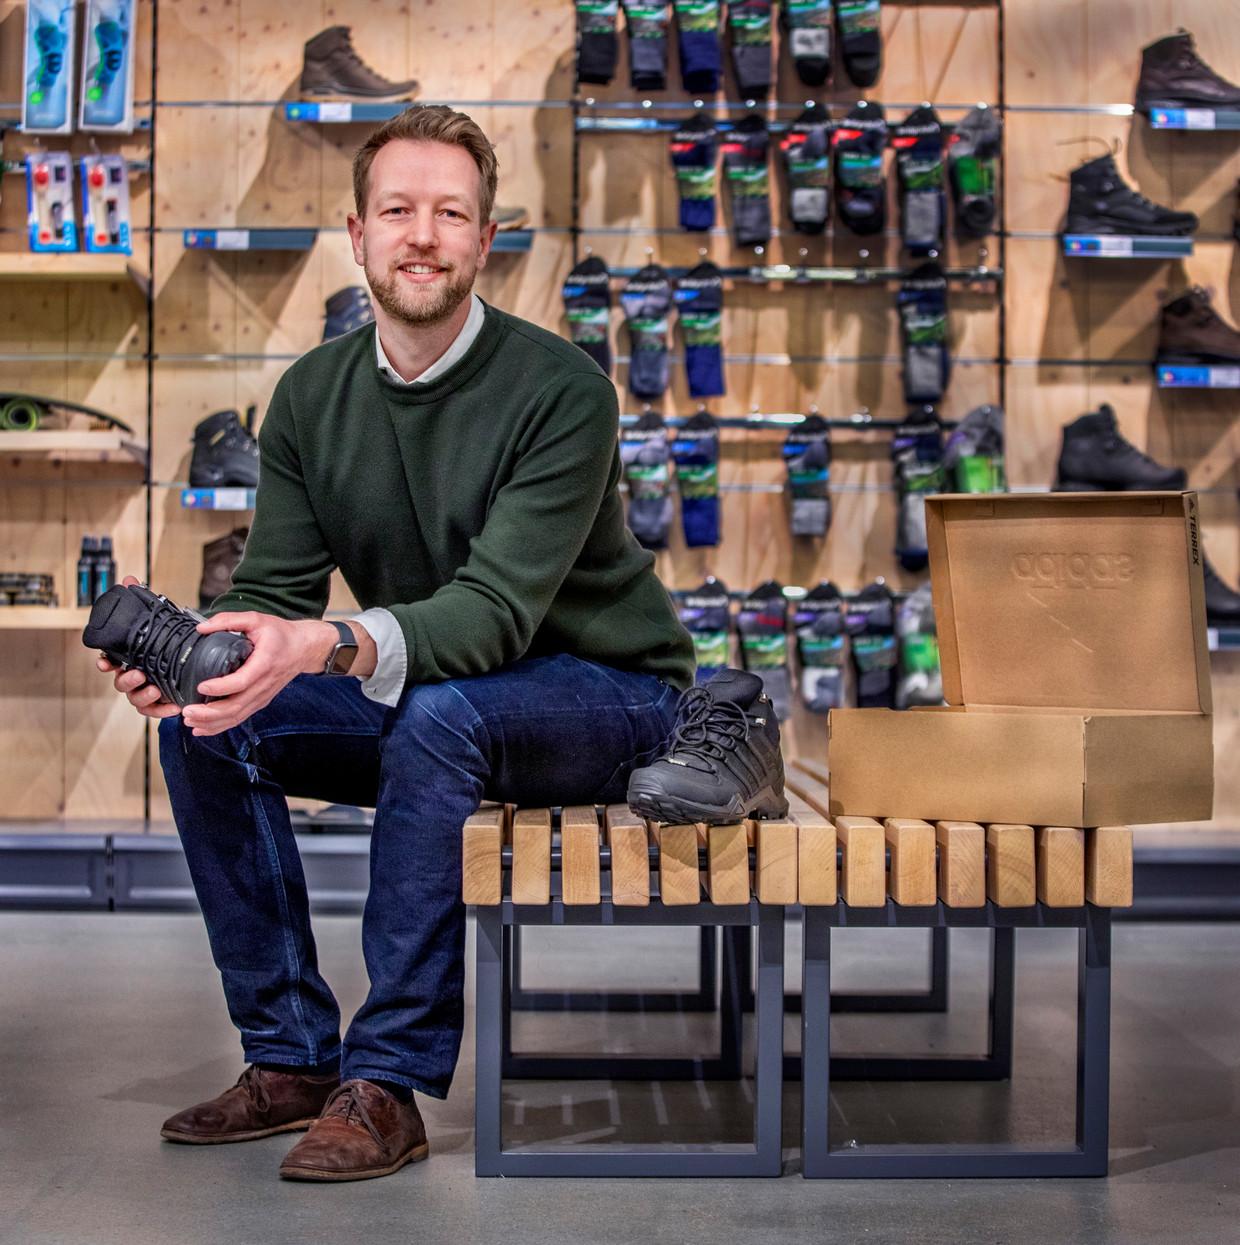 Directeur Paul Tijsen in de store in Vrijbuiter-store in Zaandam. Beeld  Raymond Rutting / de Volkskrant